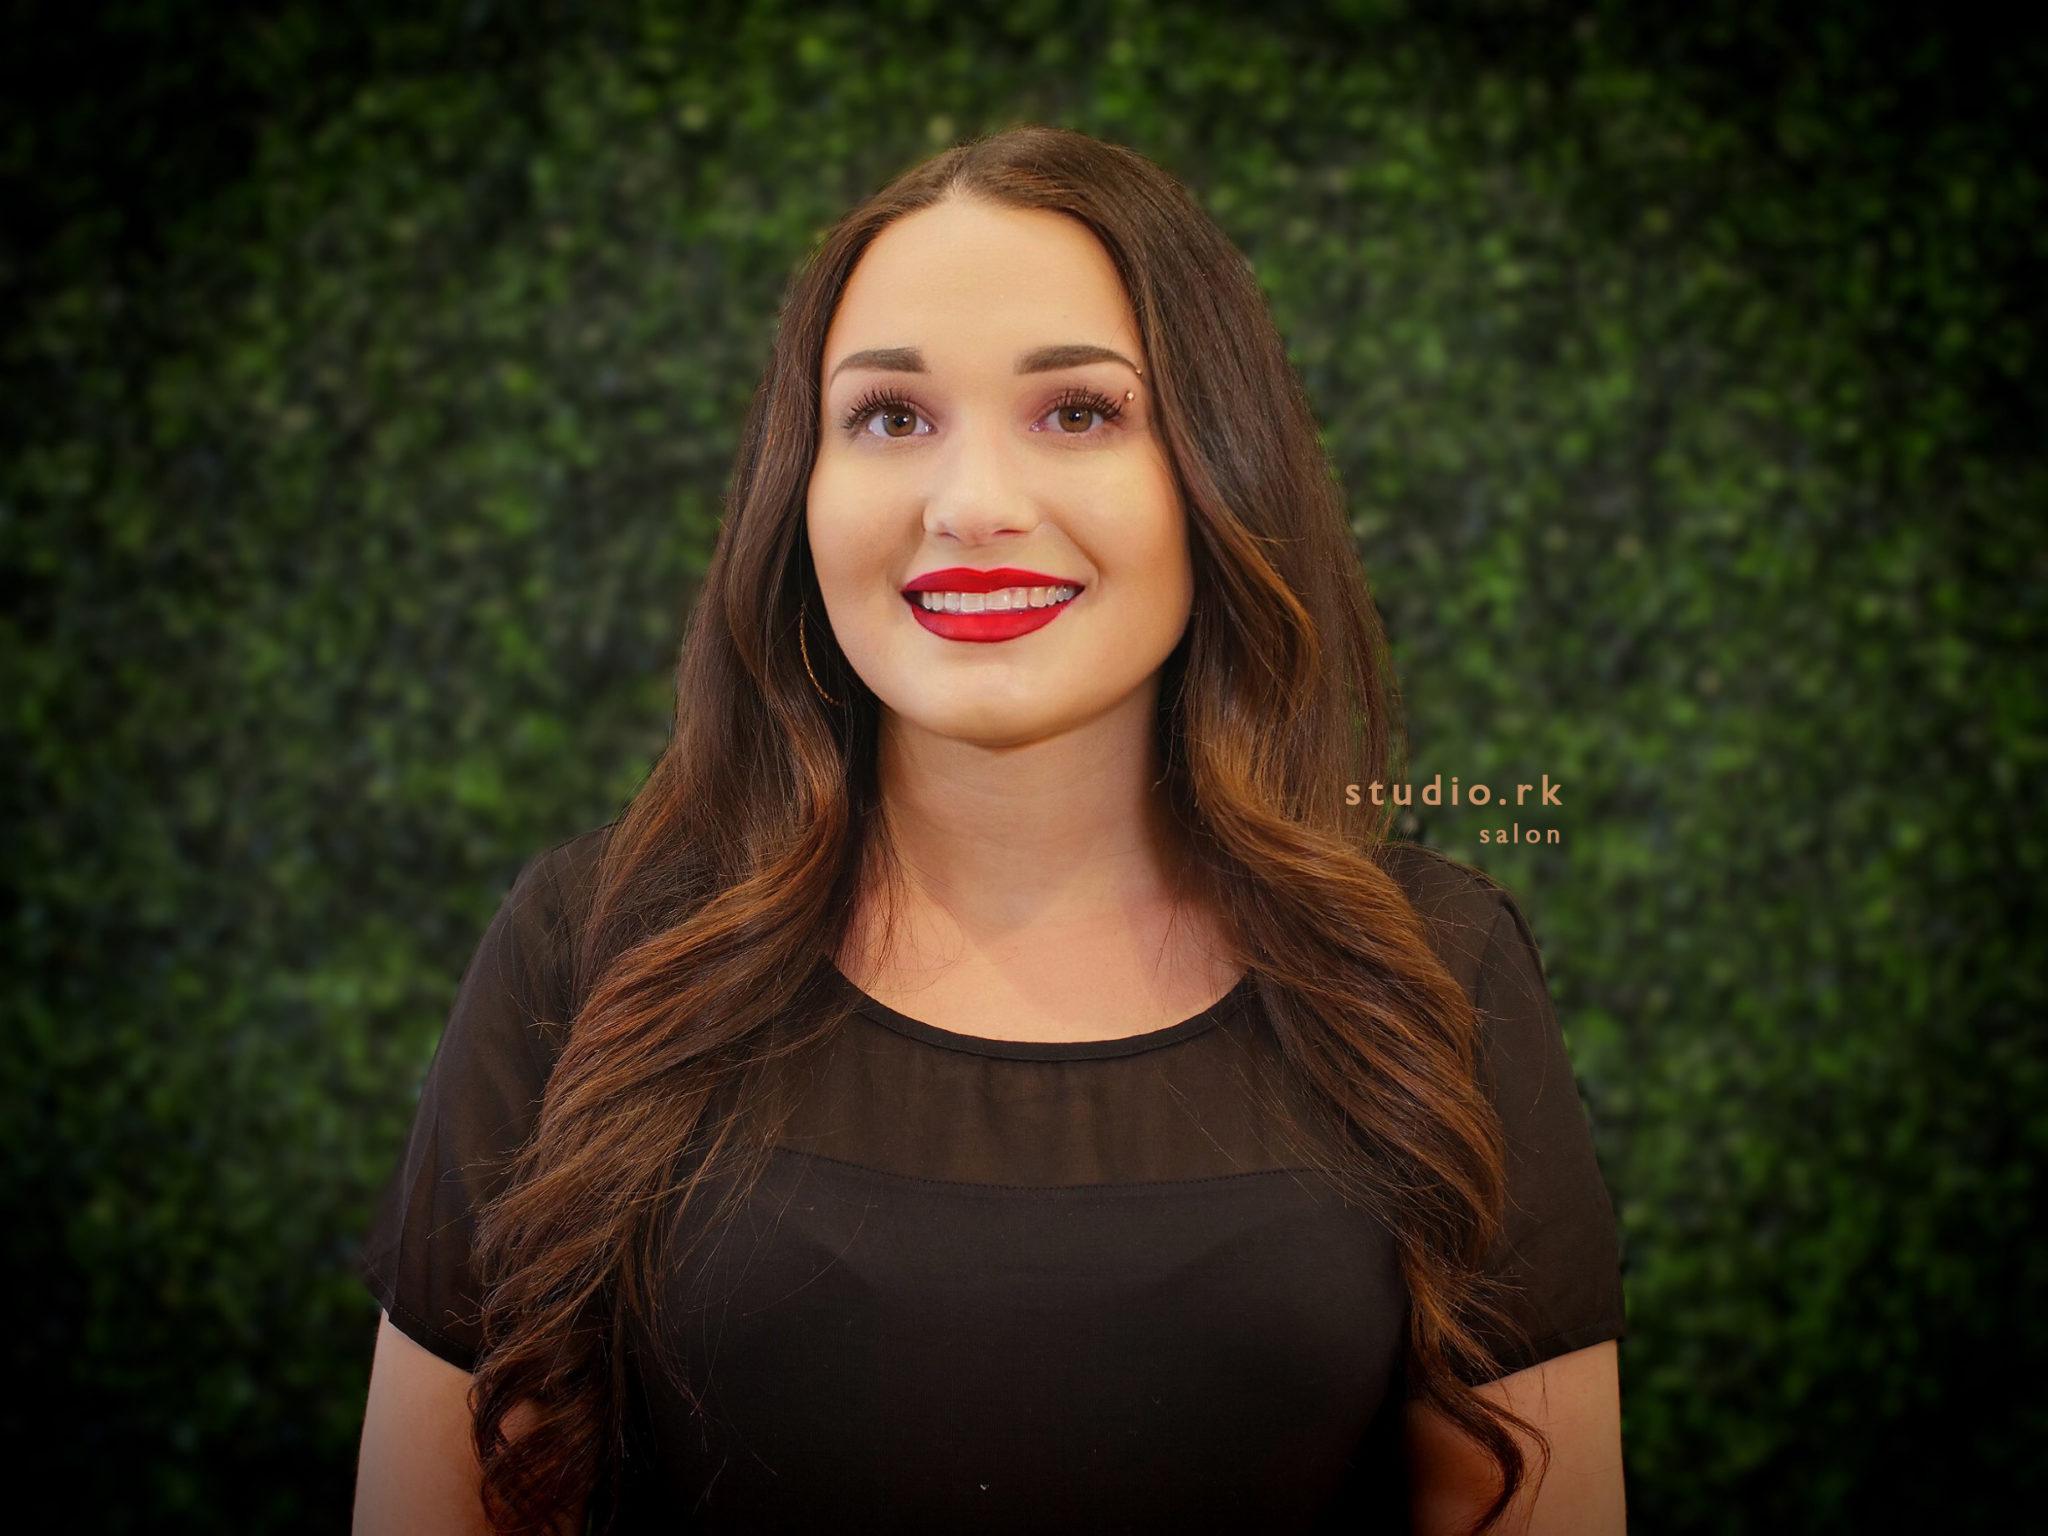 Brittany Orellana